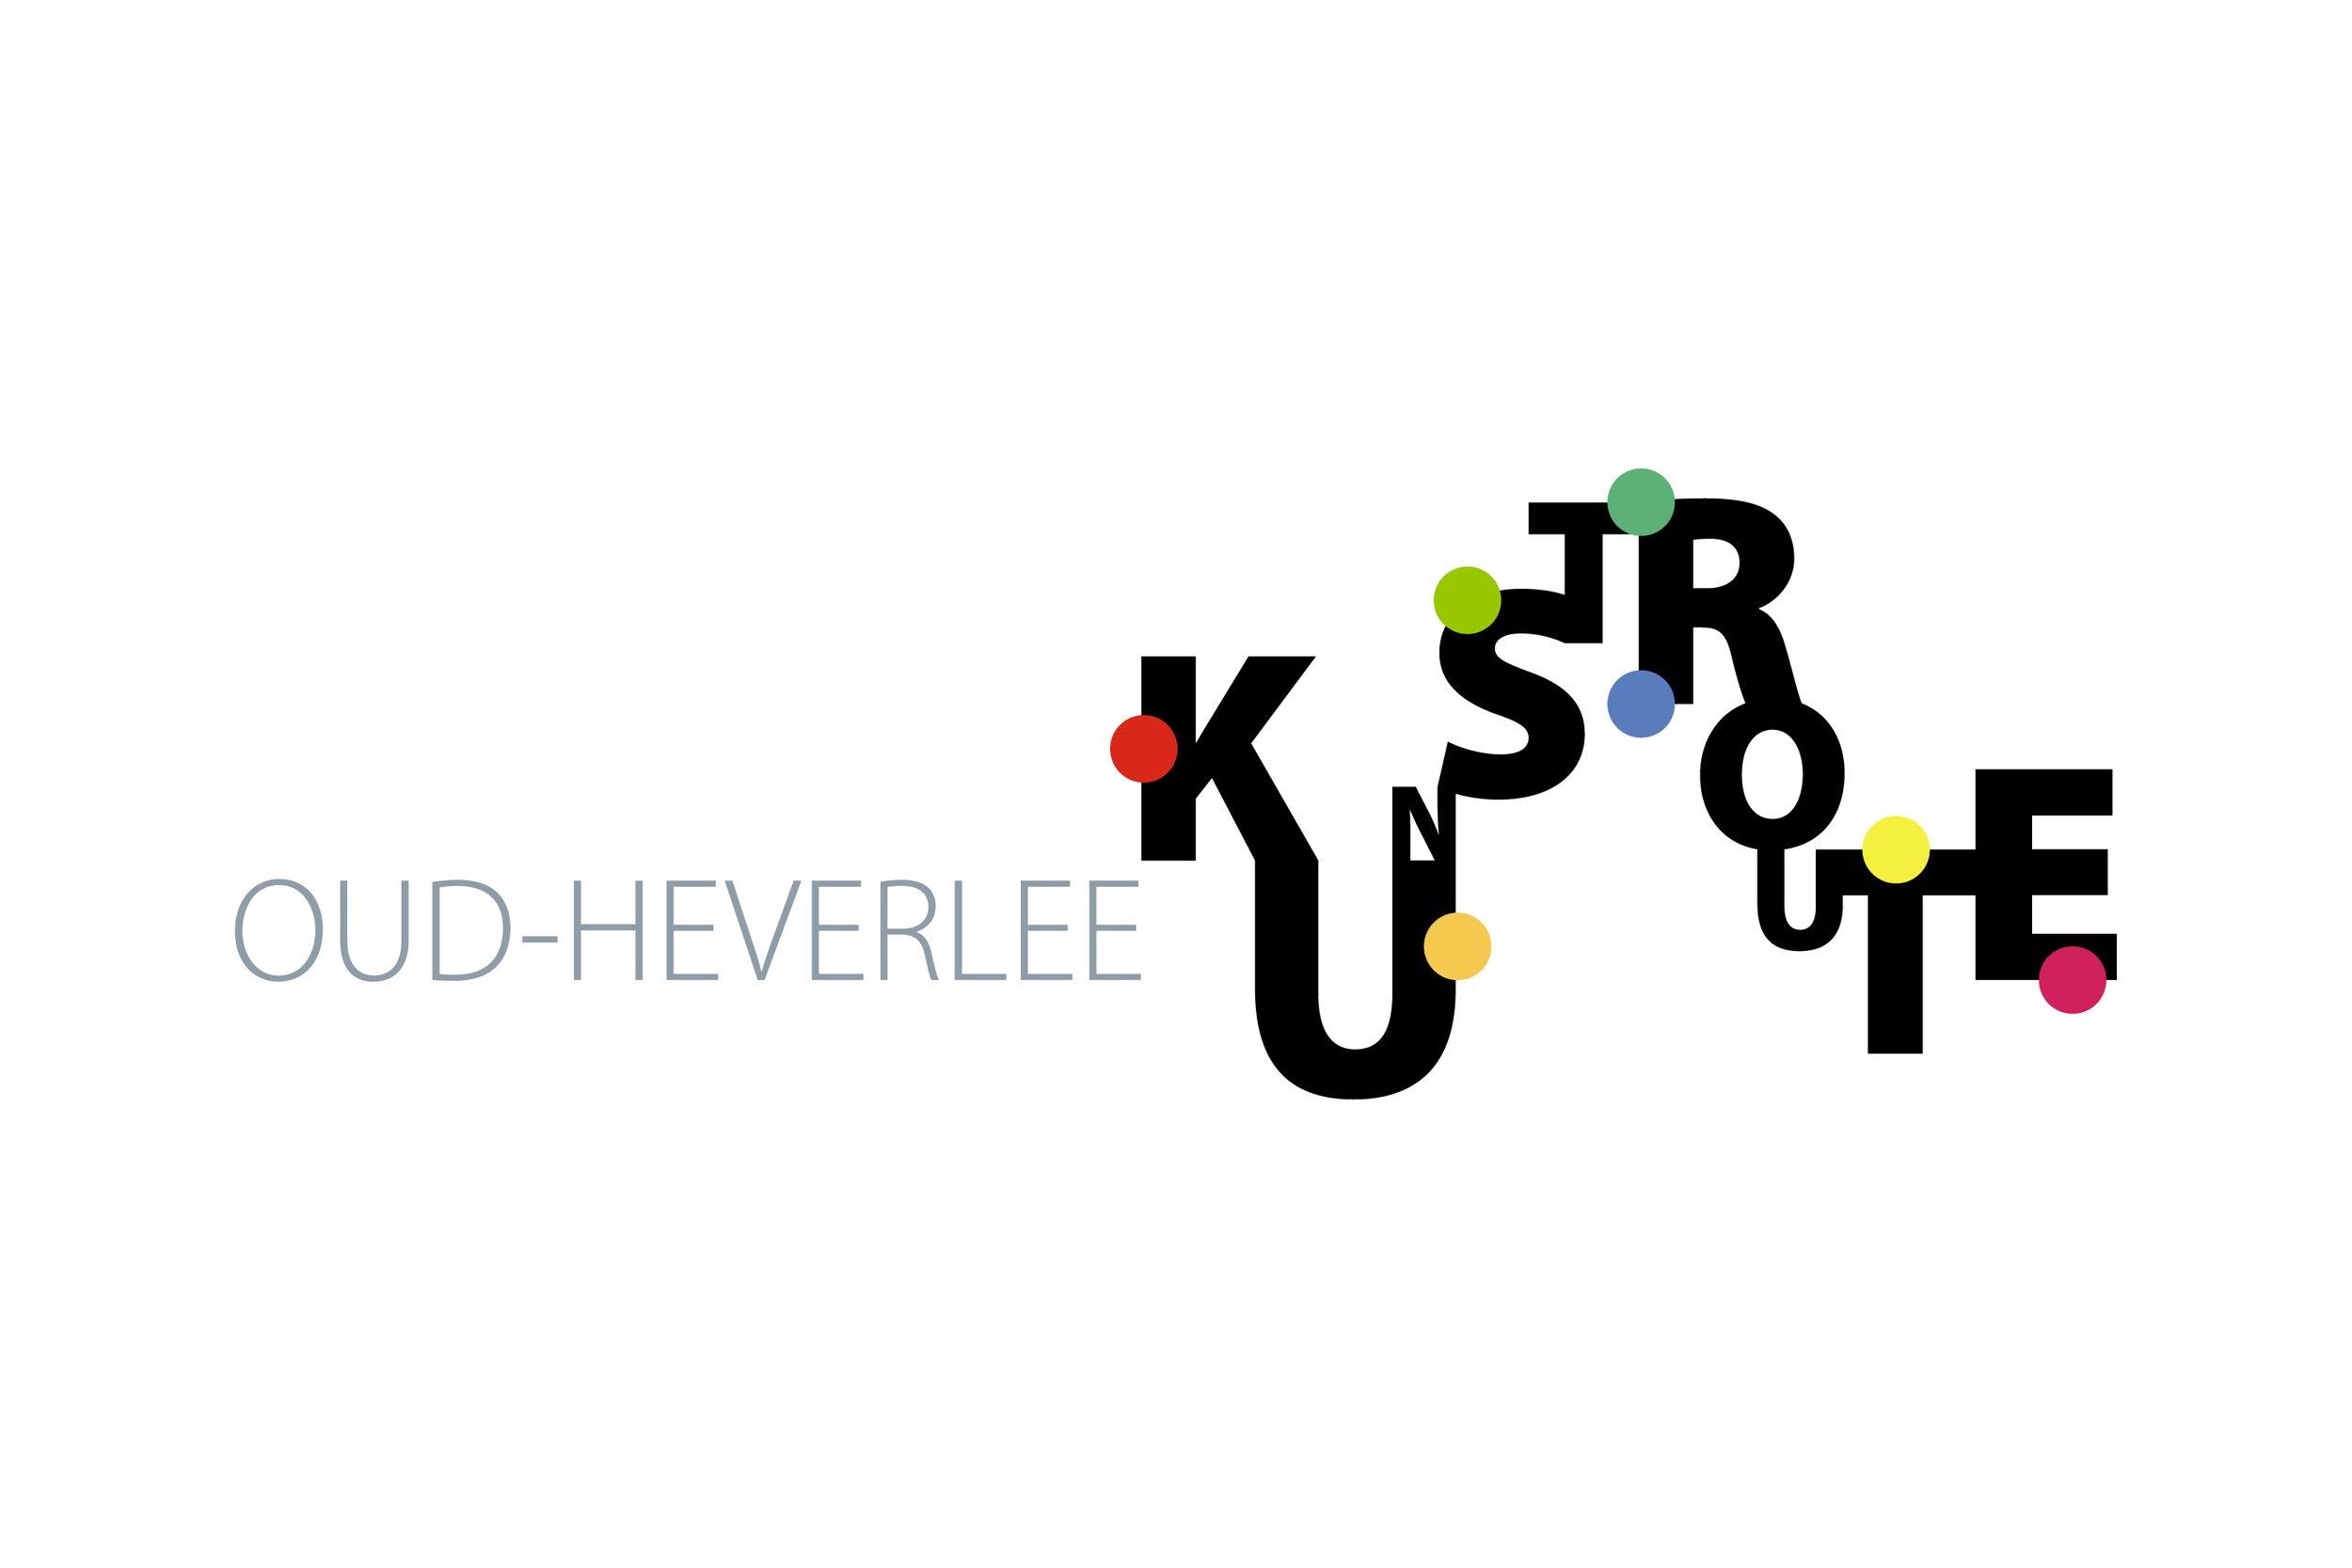 Oud-Heverlee Kunstroute